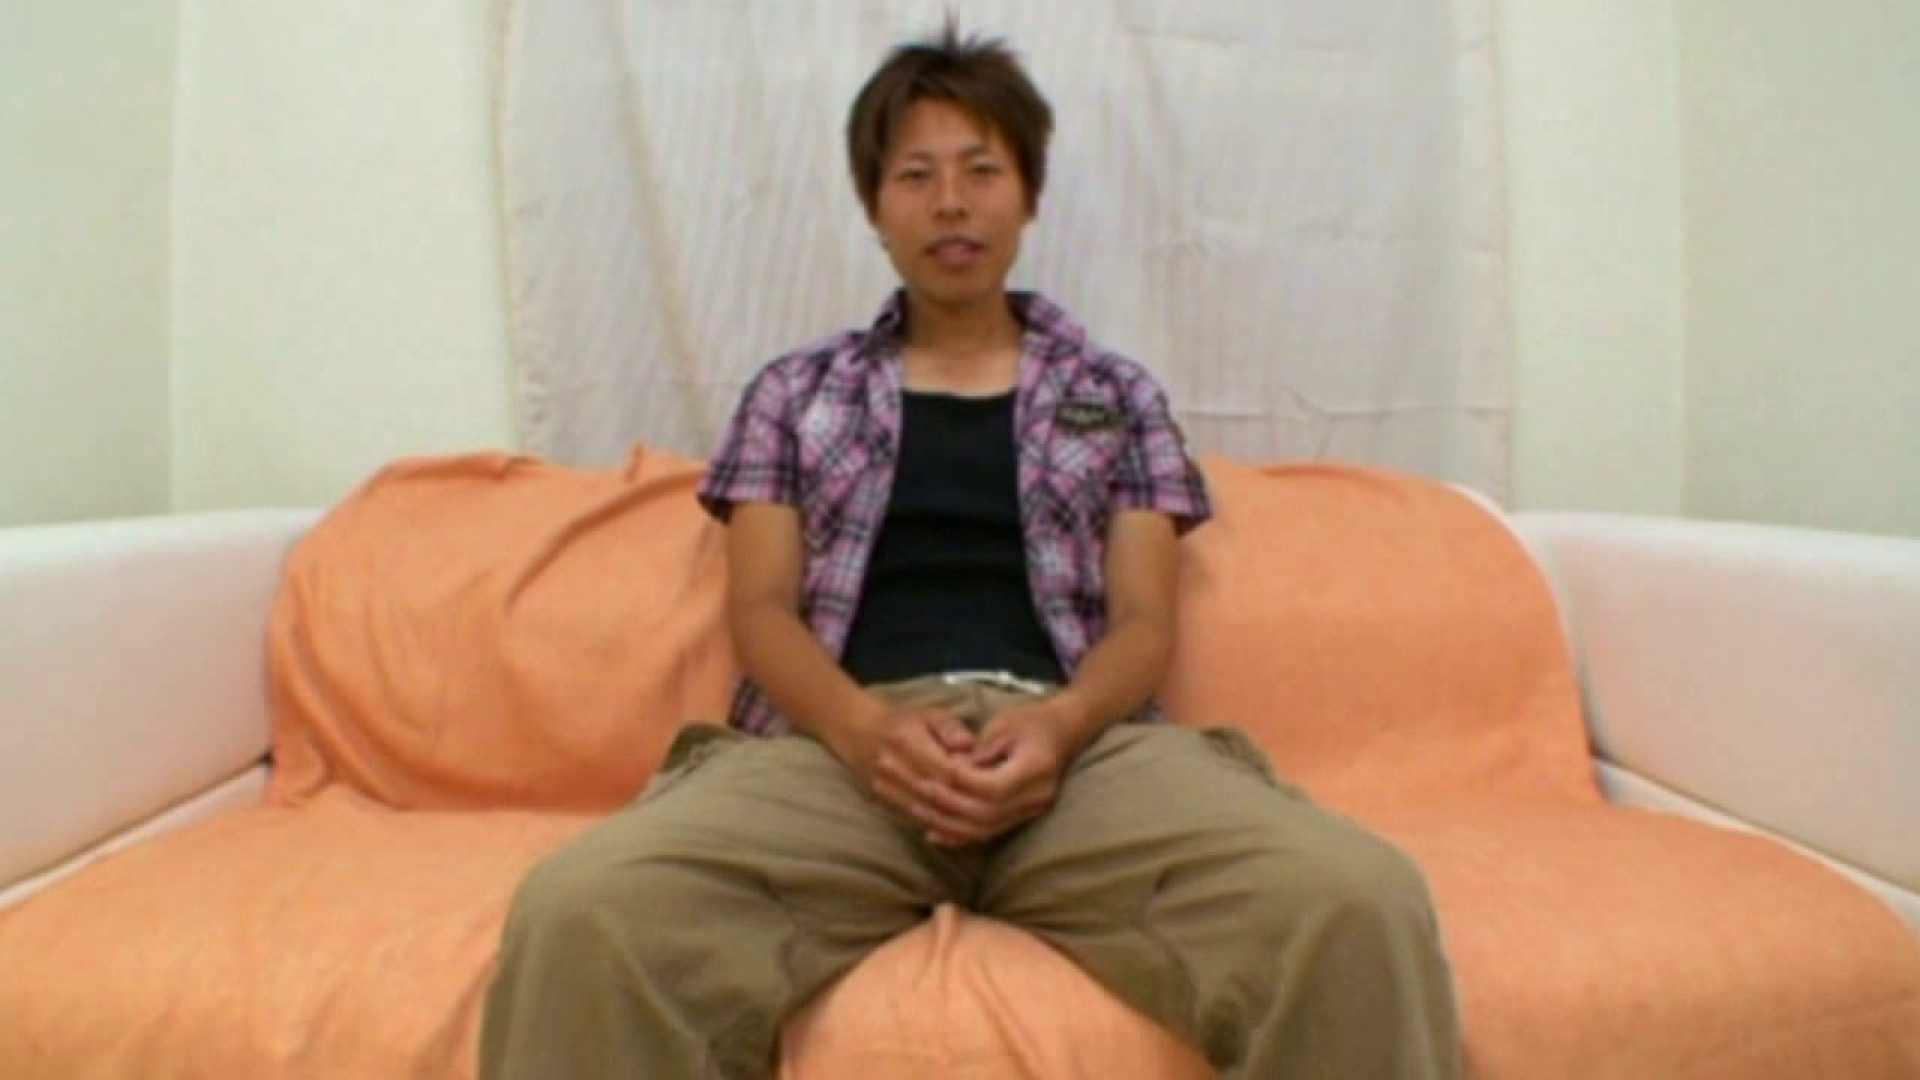 ノンケ!自慰スタジオ No.10 自慰シーン エロビデオ紹介 103枚 61